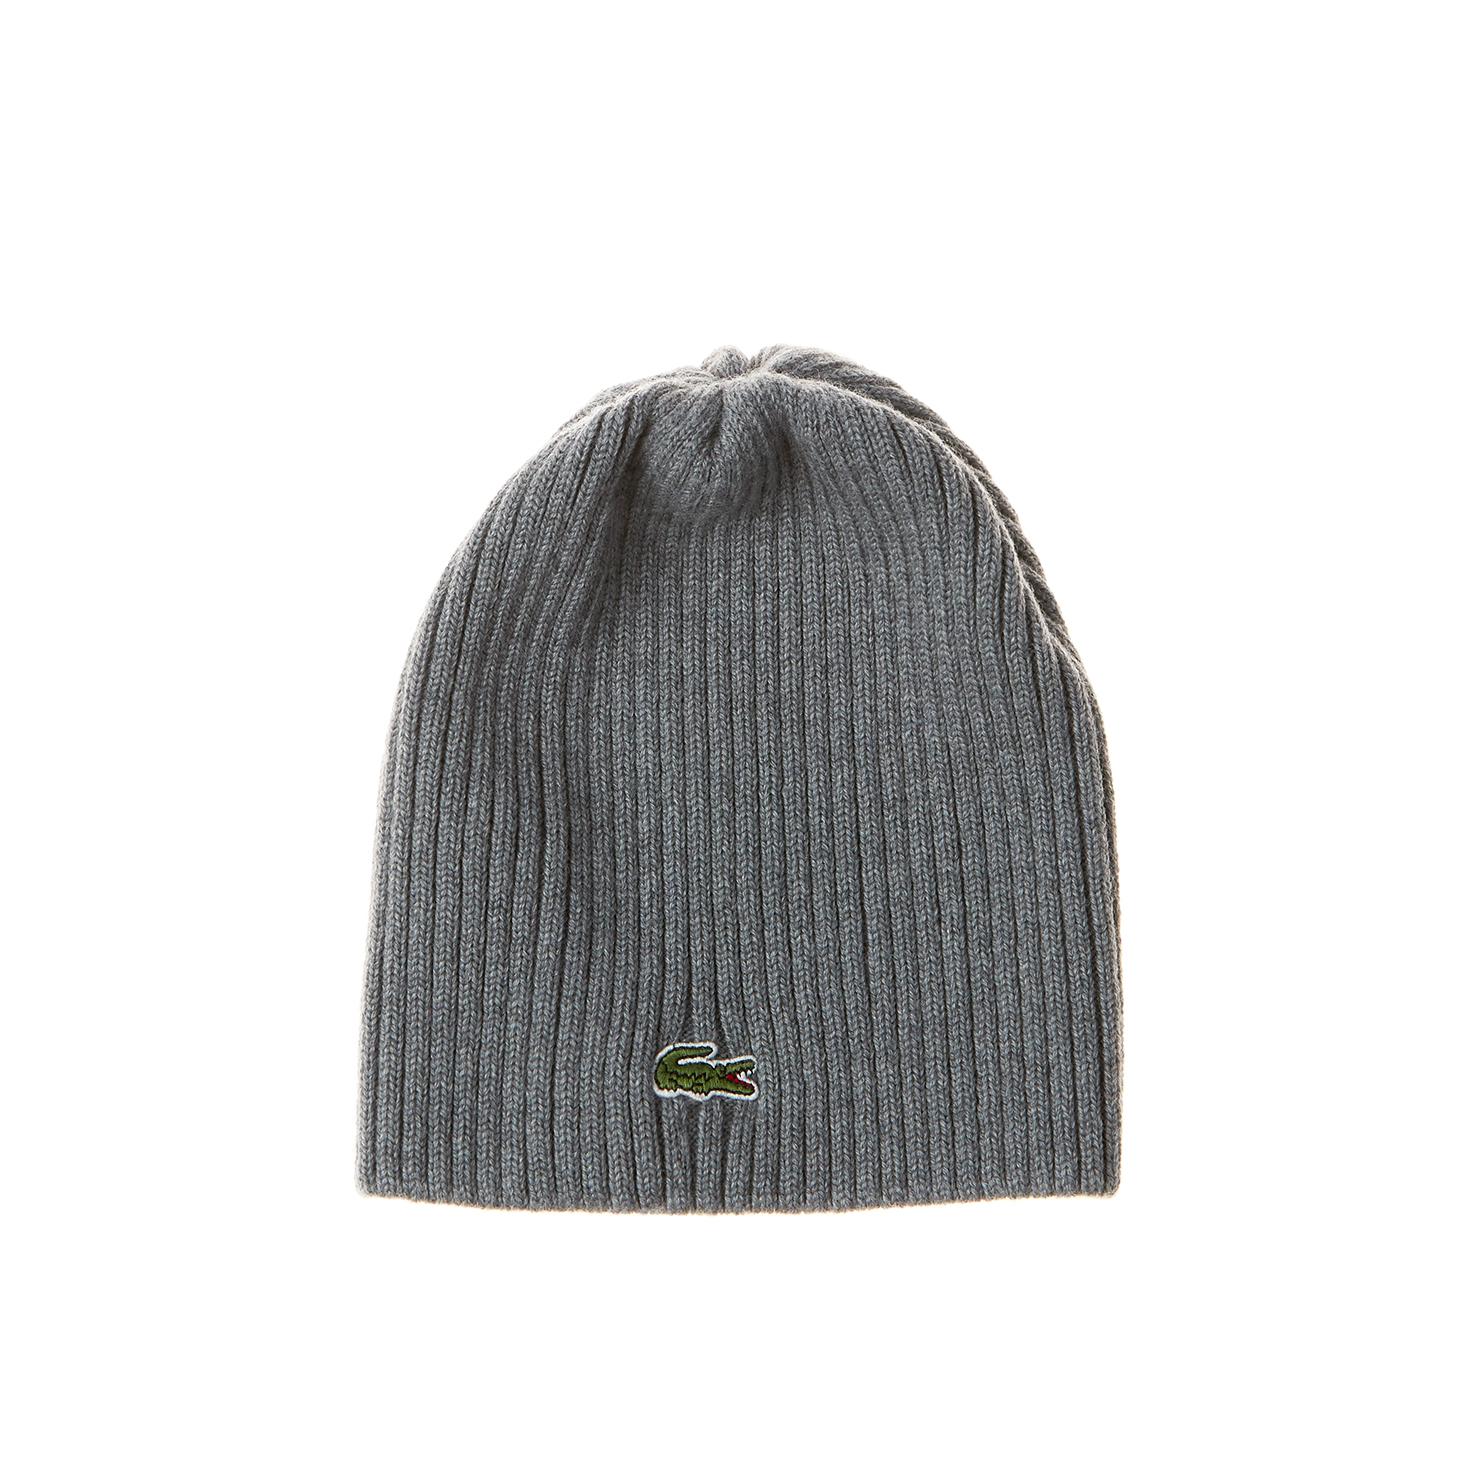 Купить со скидкой Вязаная шапка Lacoste